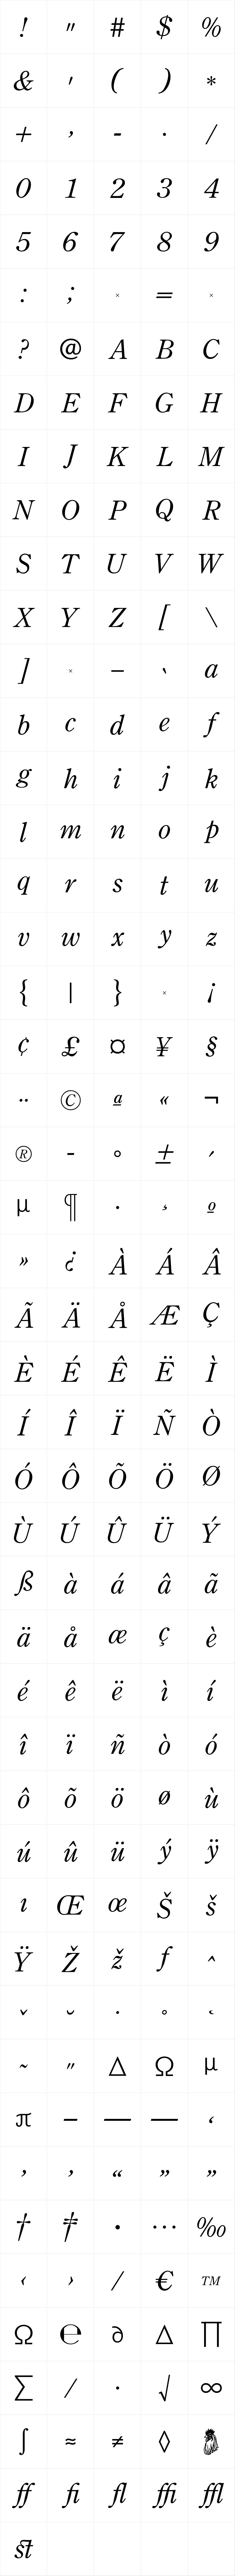 TCCenturyNewStyle Light Italic